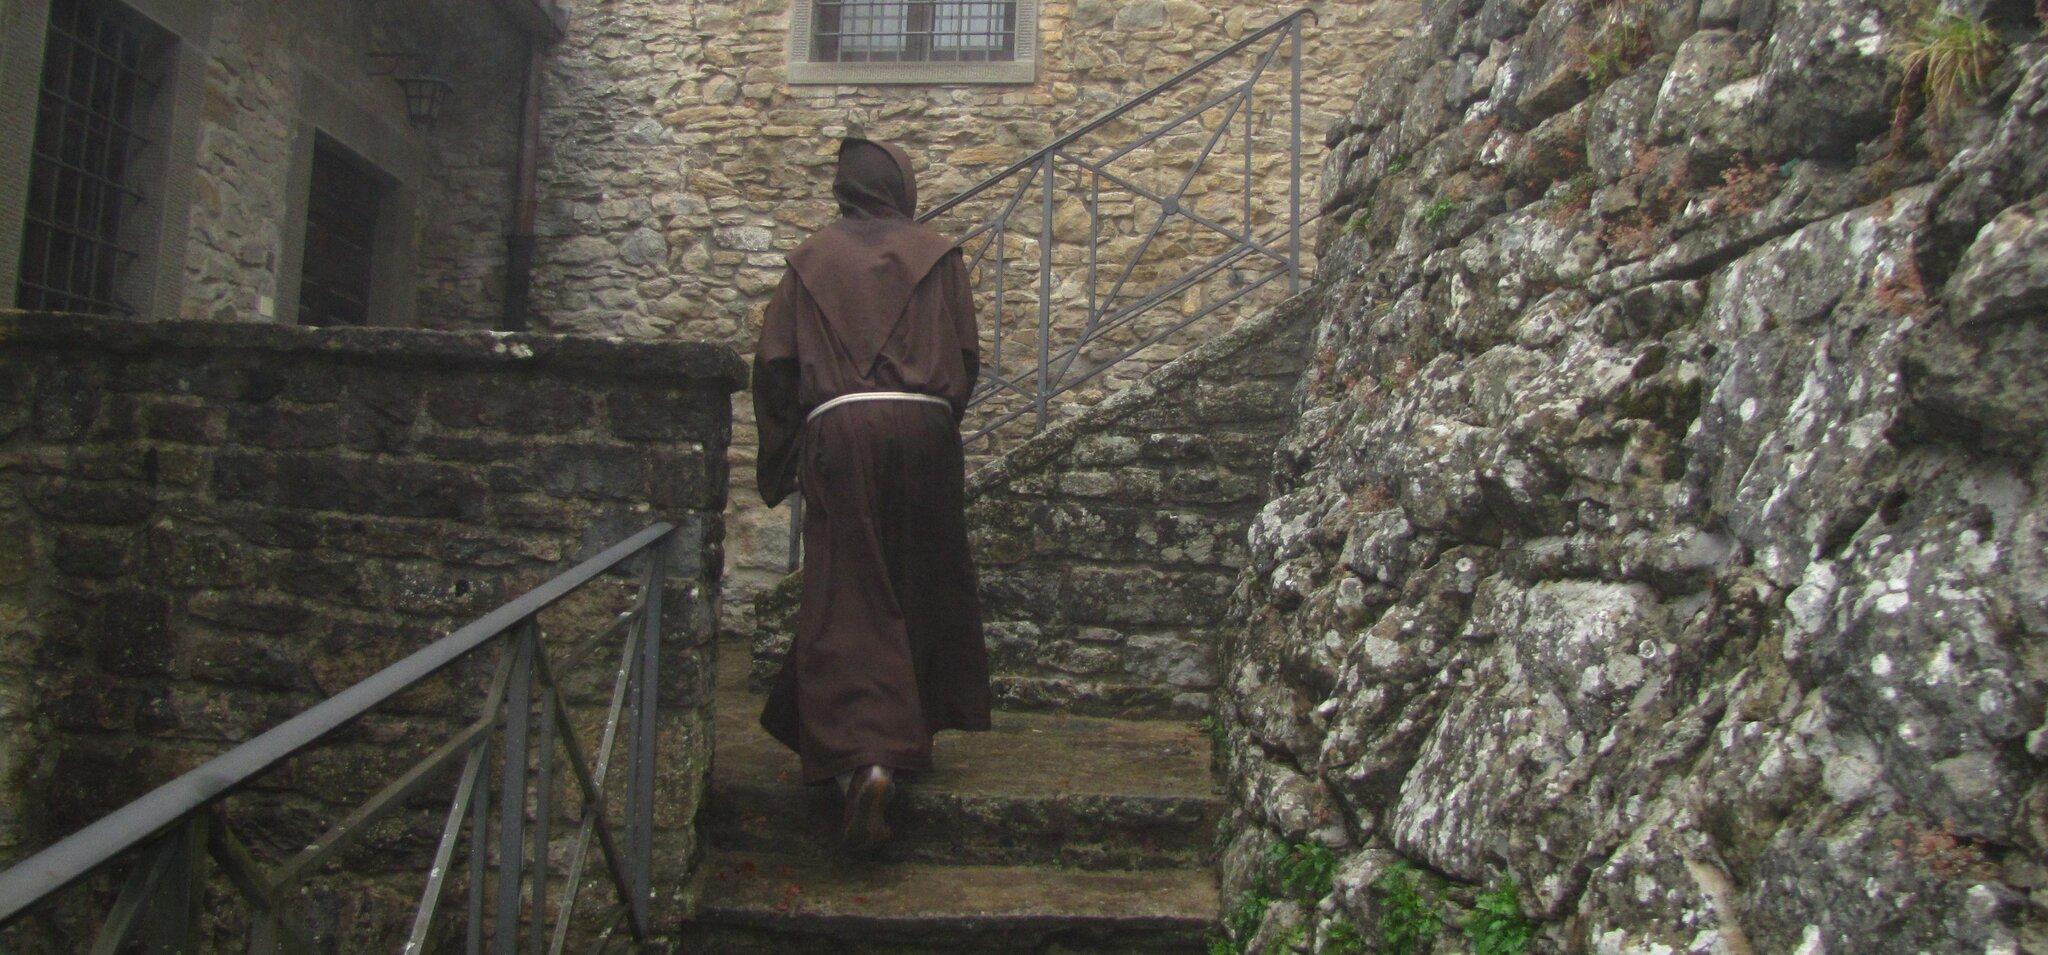 Mnich Źródło: licencja: CC 0.